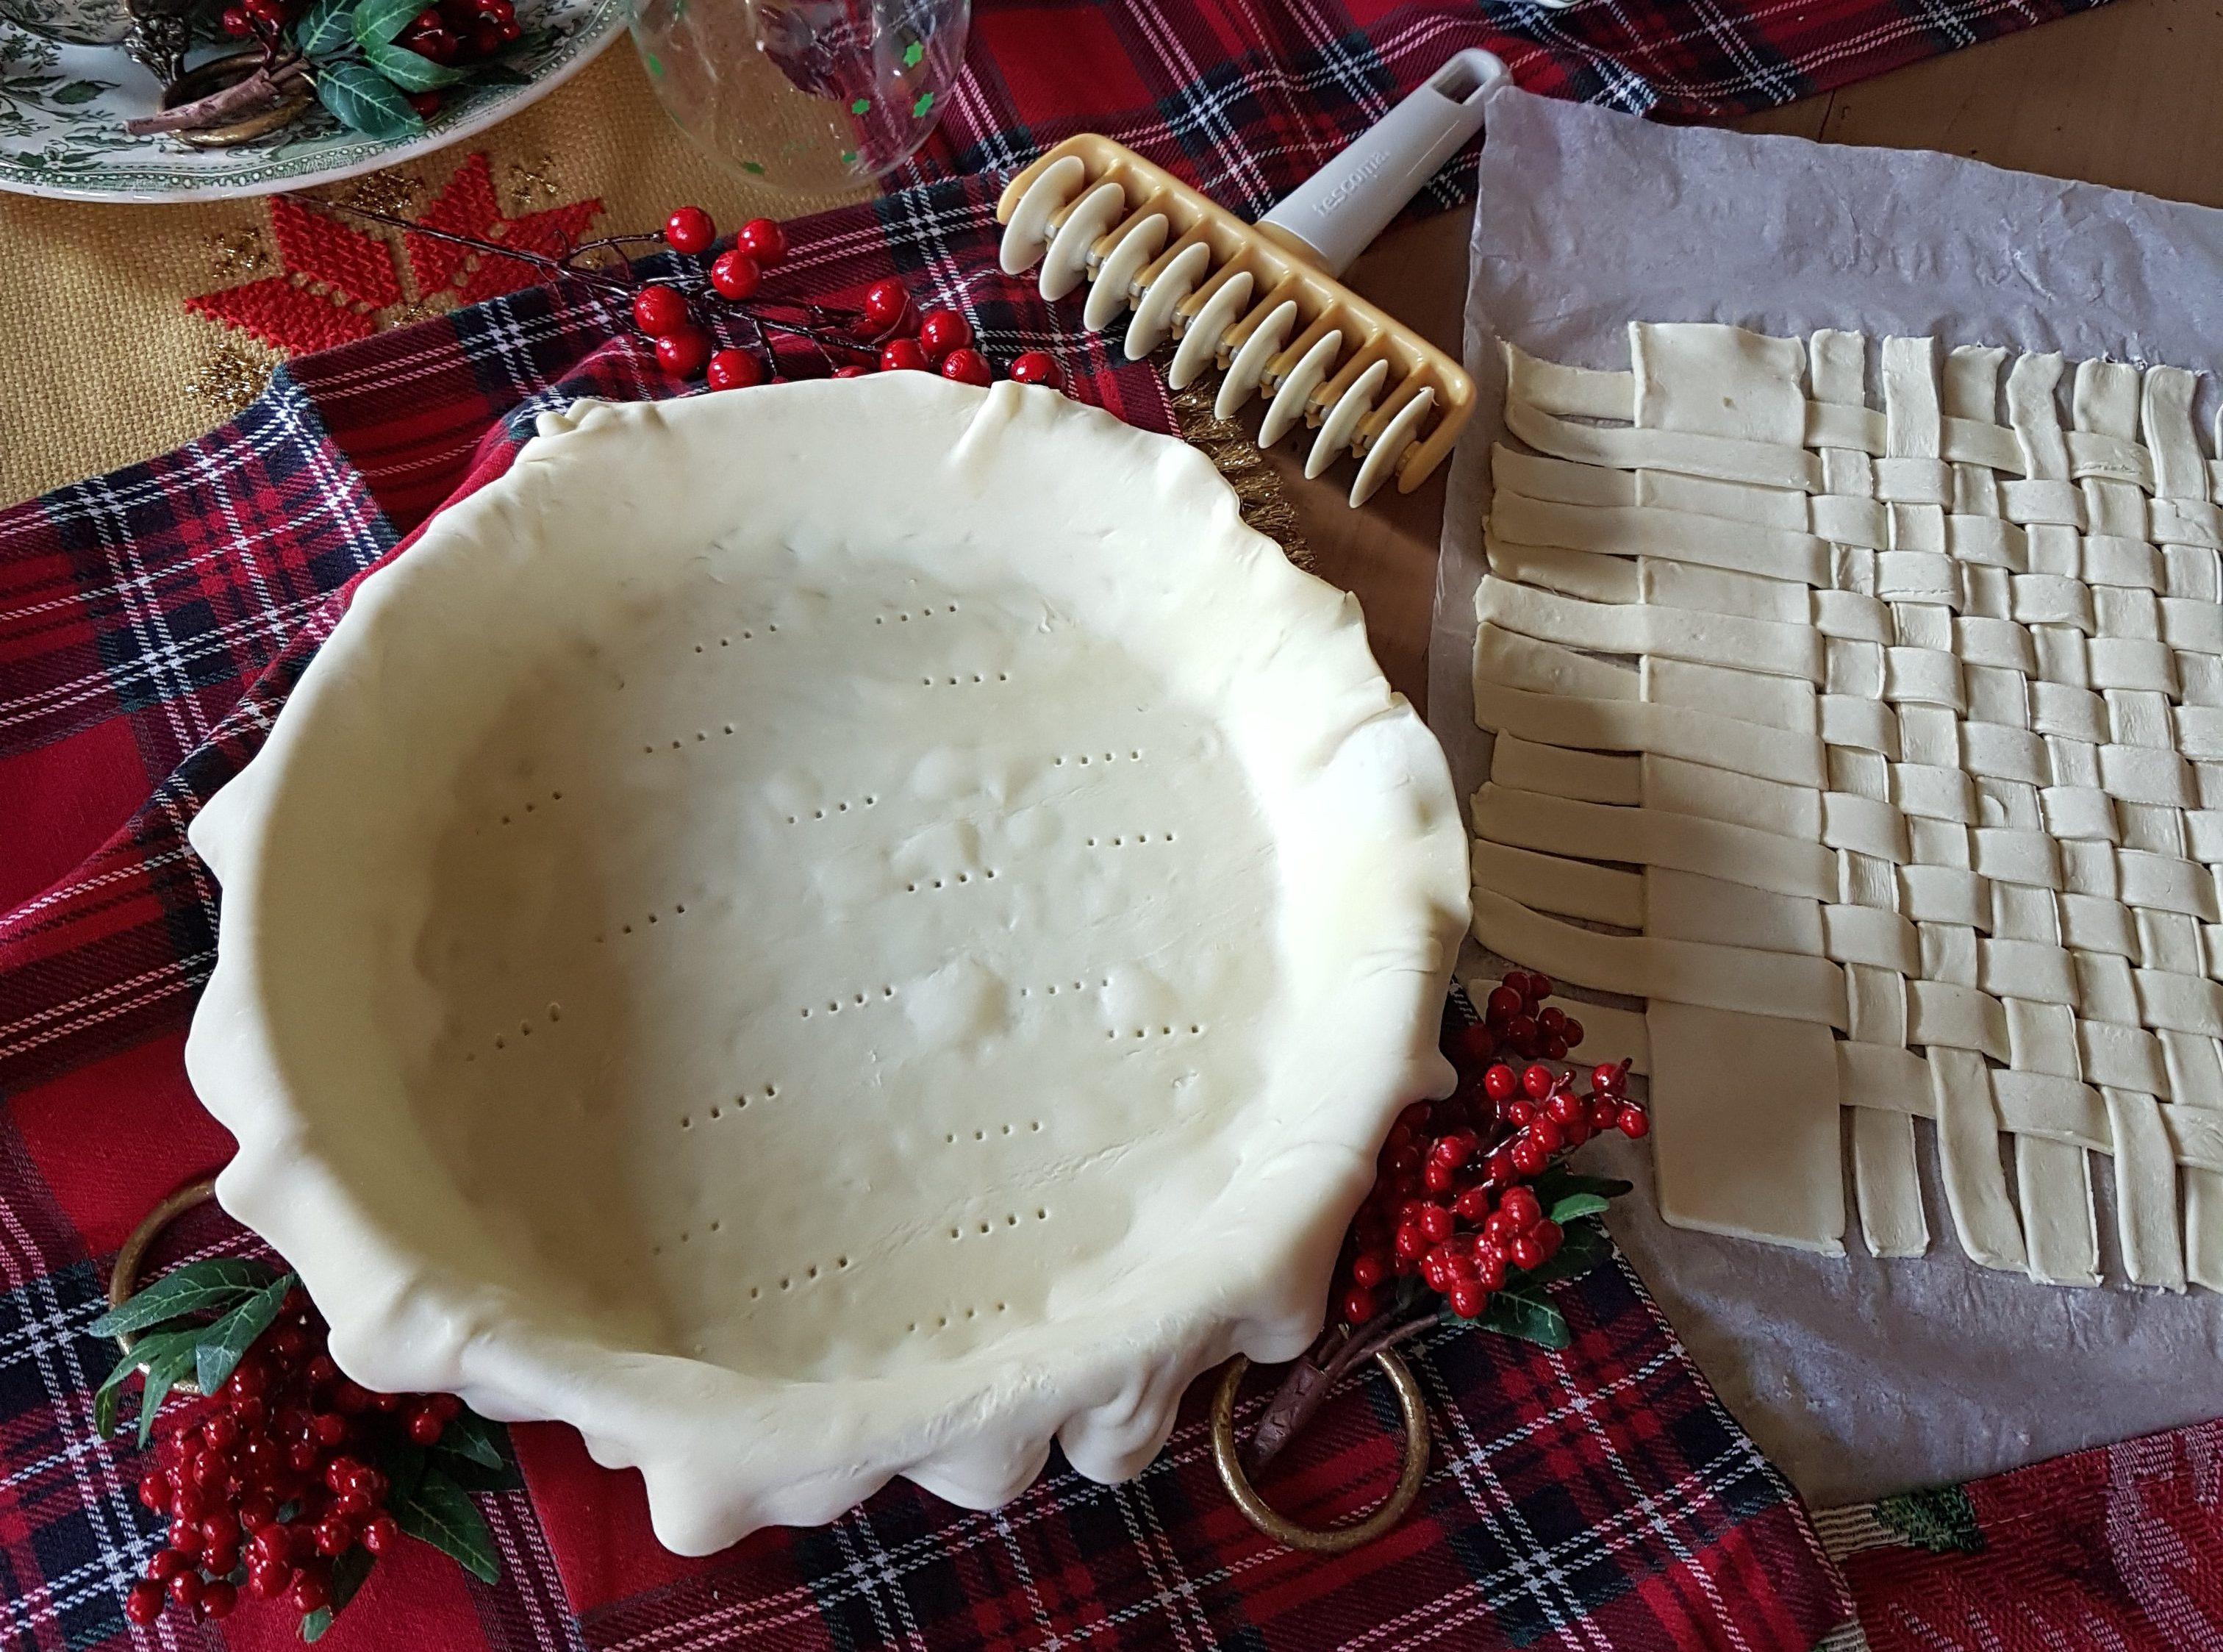 timballo di tagliatelle e polpette in crosta